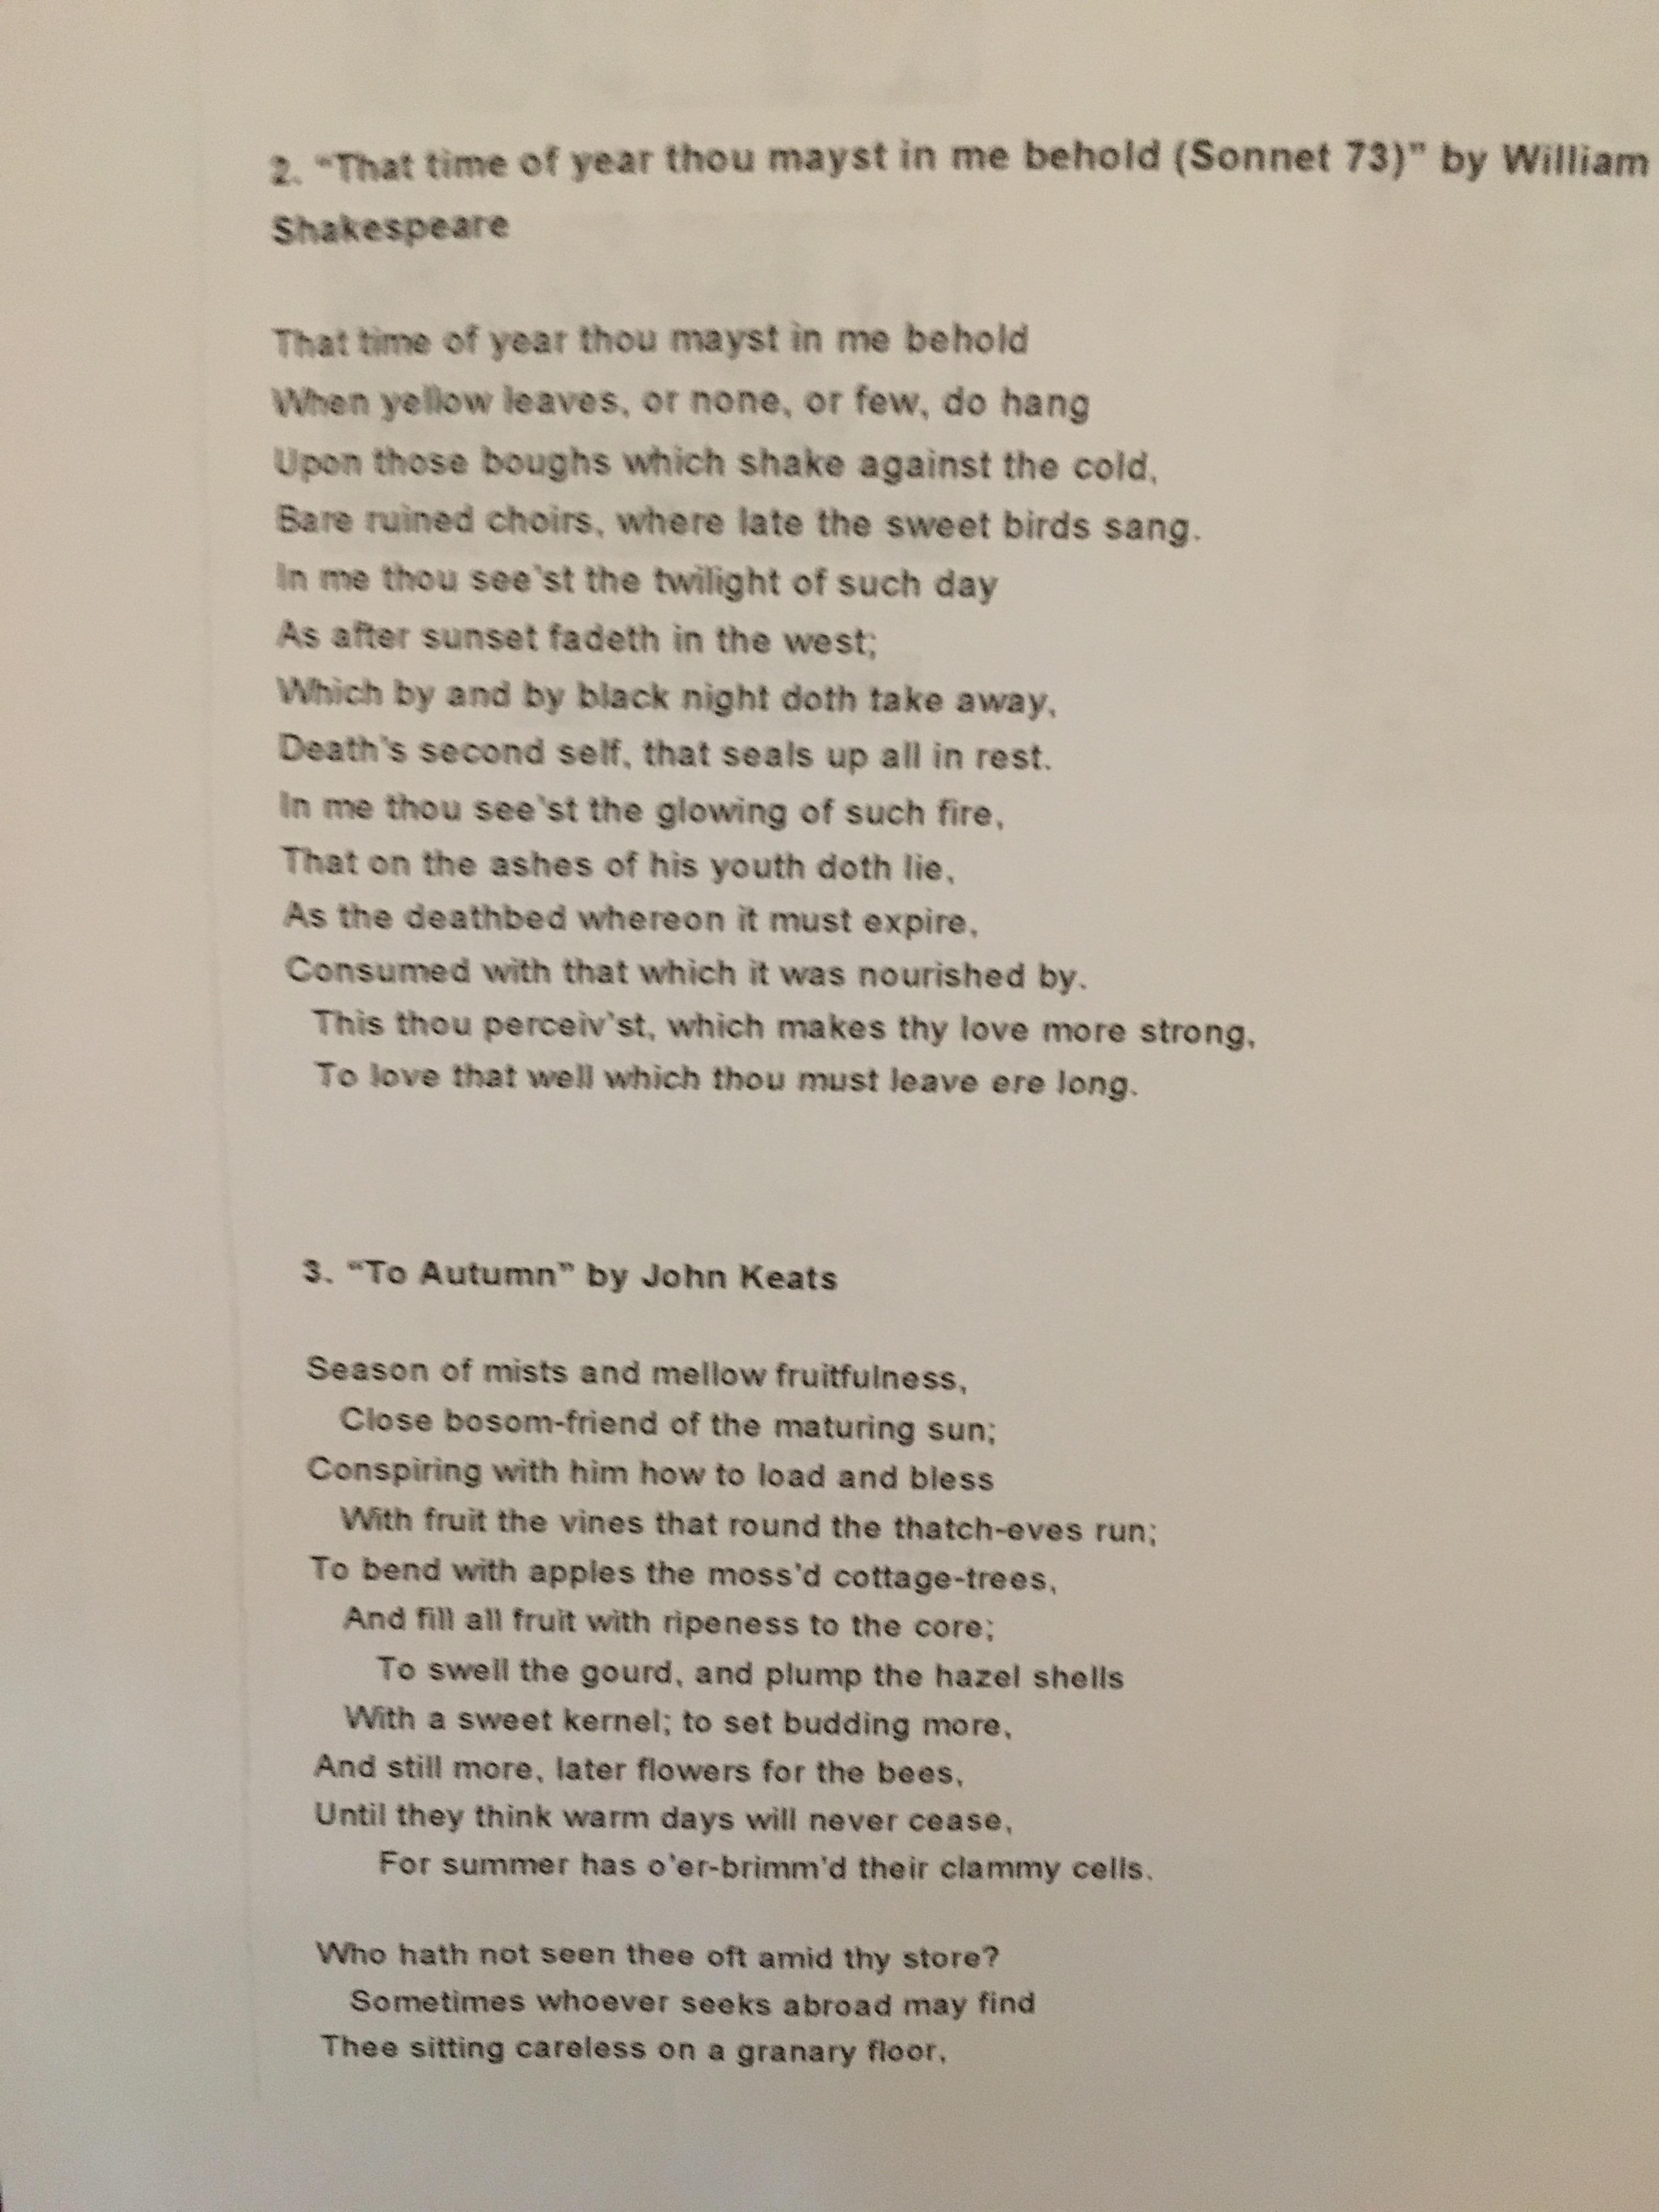 sonnet 73 pdf